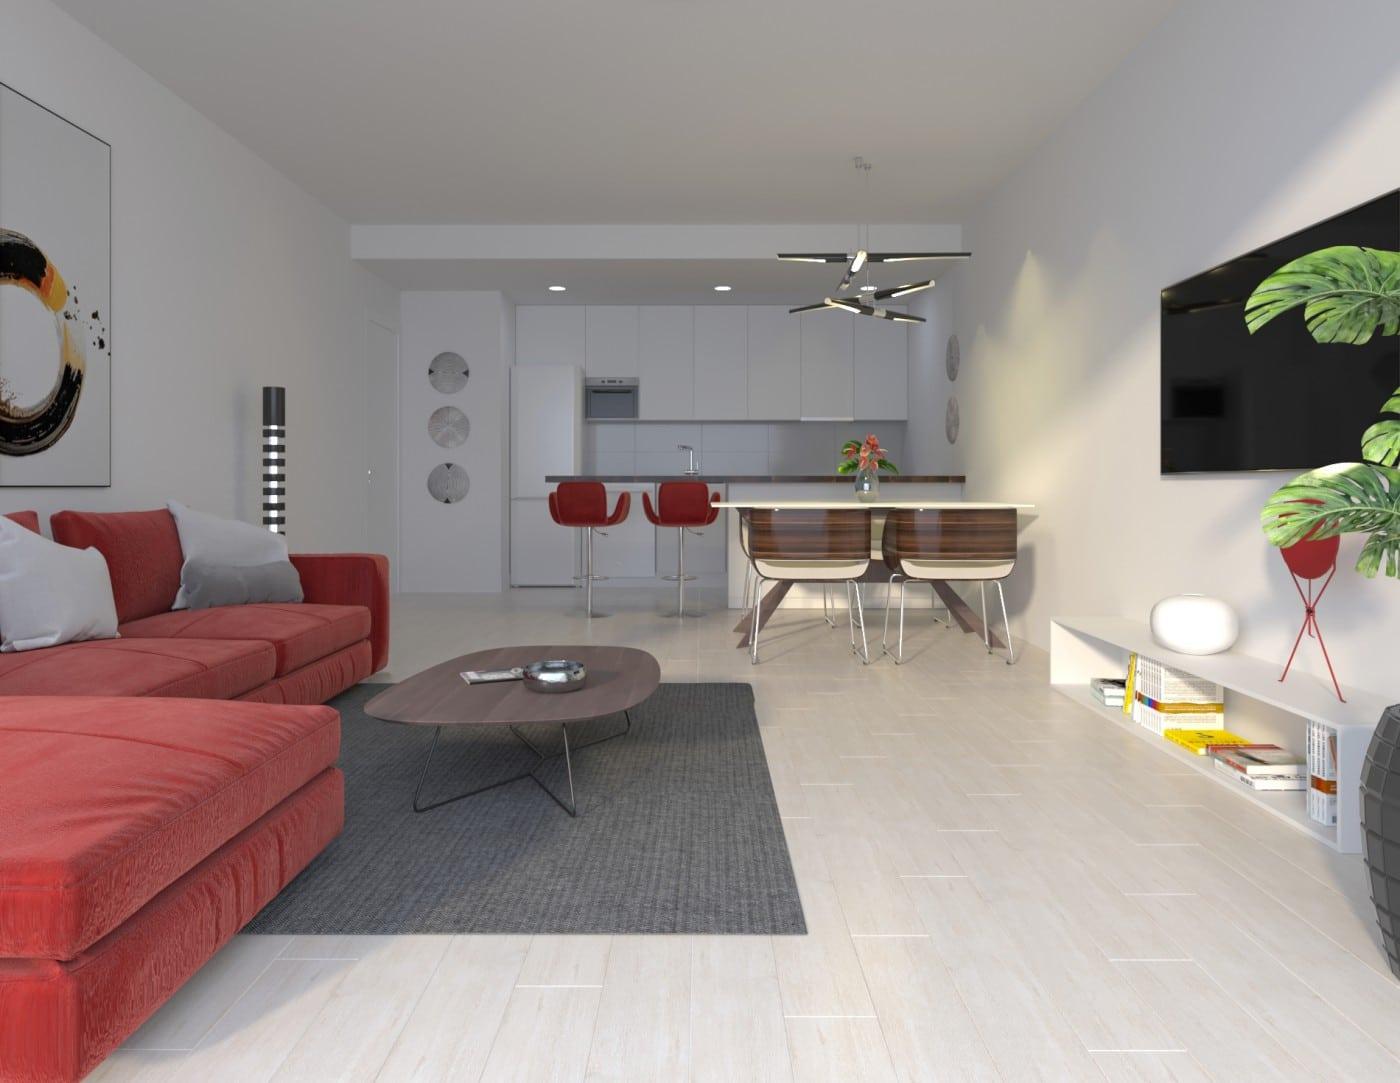 nowe-apartamenty-w-kompleksie-z-pieknymi-basenami-4-17902